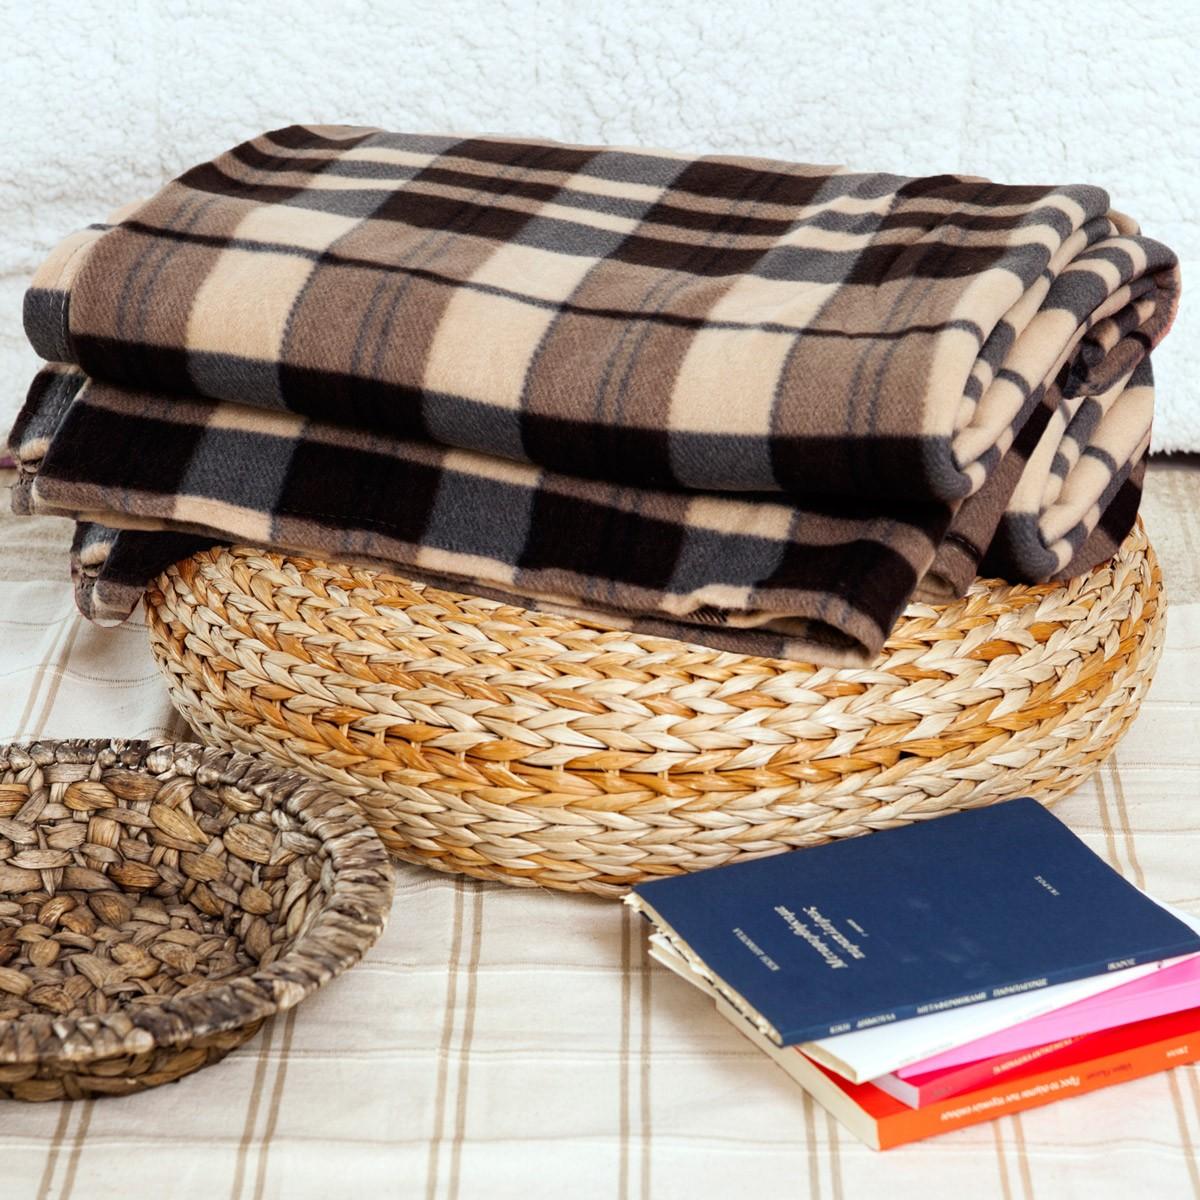 Κουβέρτα Fleece Διπλή Melinen Checked Brown home   κρεβατοκάμαρα   κουβέρτες   κουβέρτες fleece υπέρδιπλες